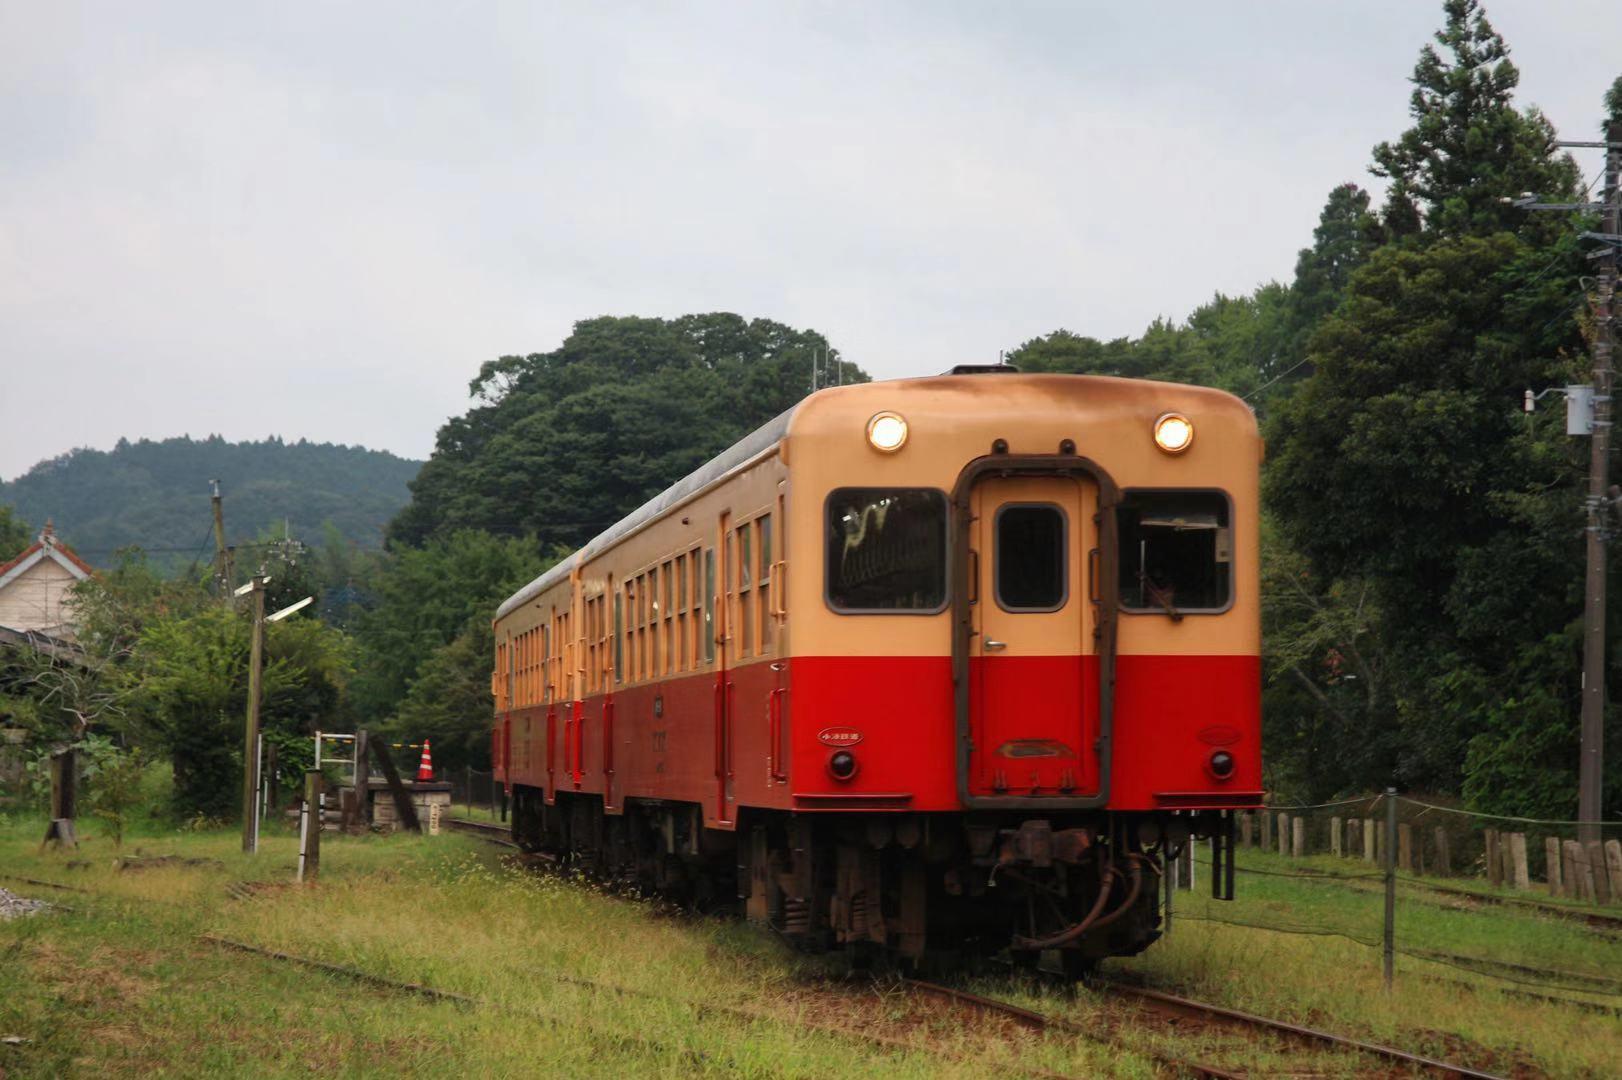 【鉄道×カーシェアリング】東京から千葉まで約1時間!小湊鉄道のキハ200形を撮影!